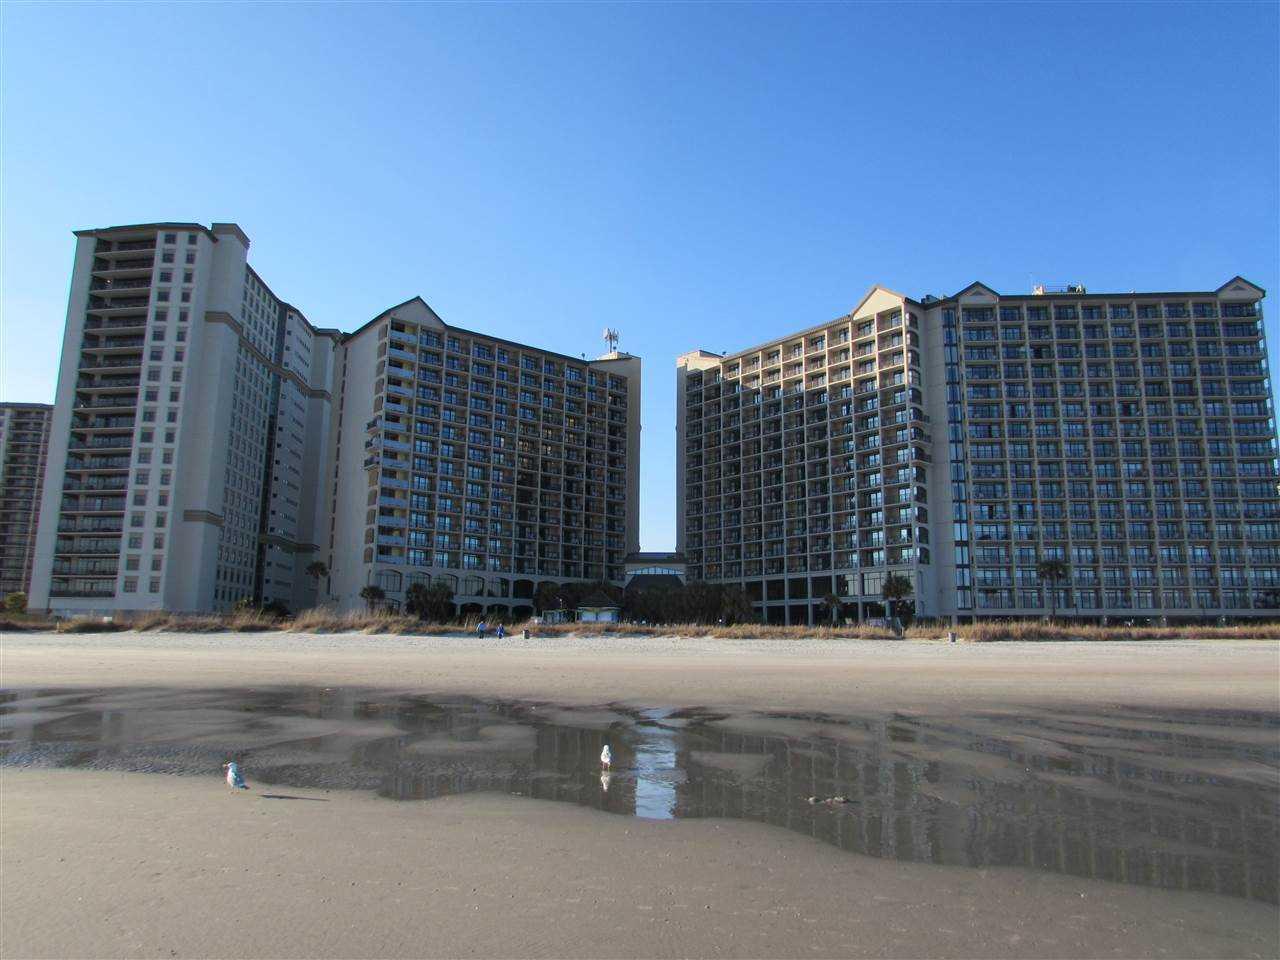 4800 S Ocean Blvd. #624 North Myrtle Beach, SC 29582 | MLS 1800750 Photo 1